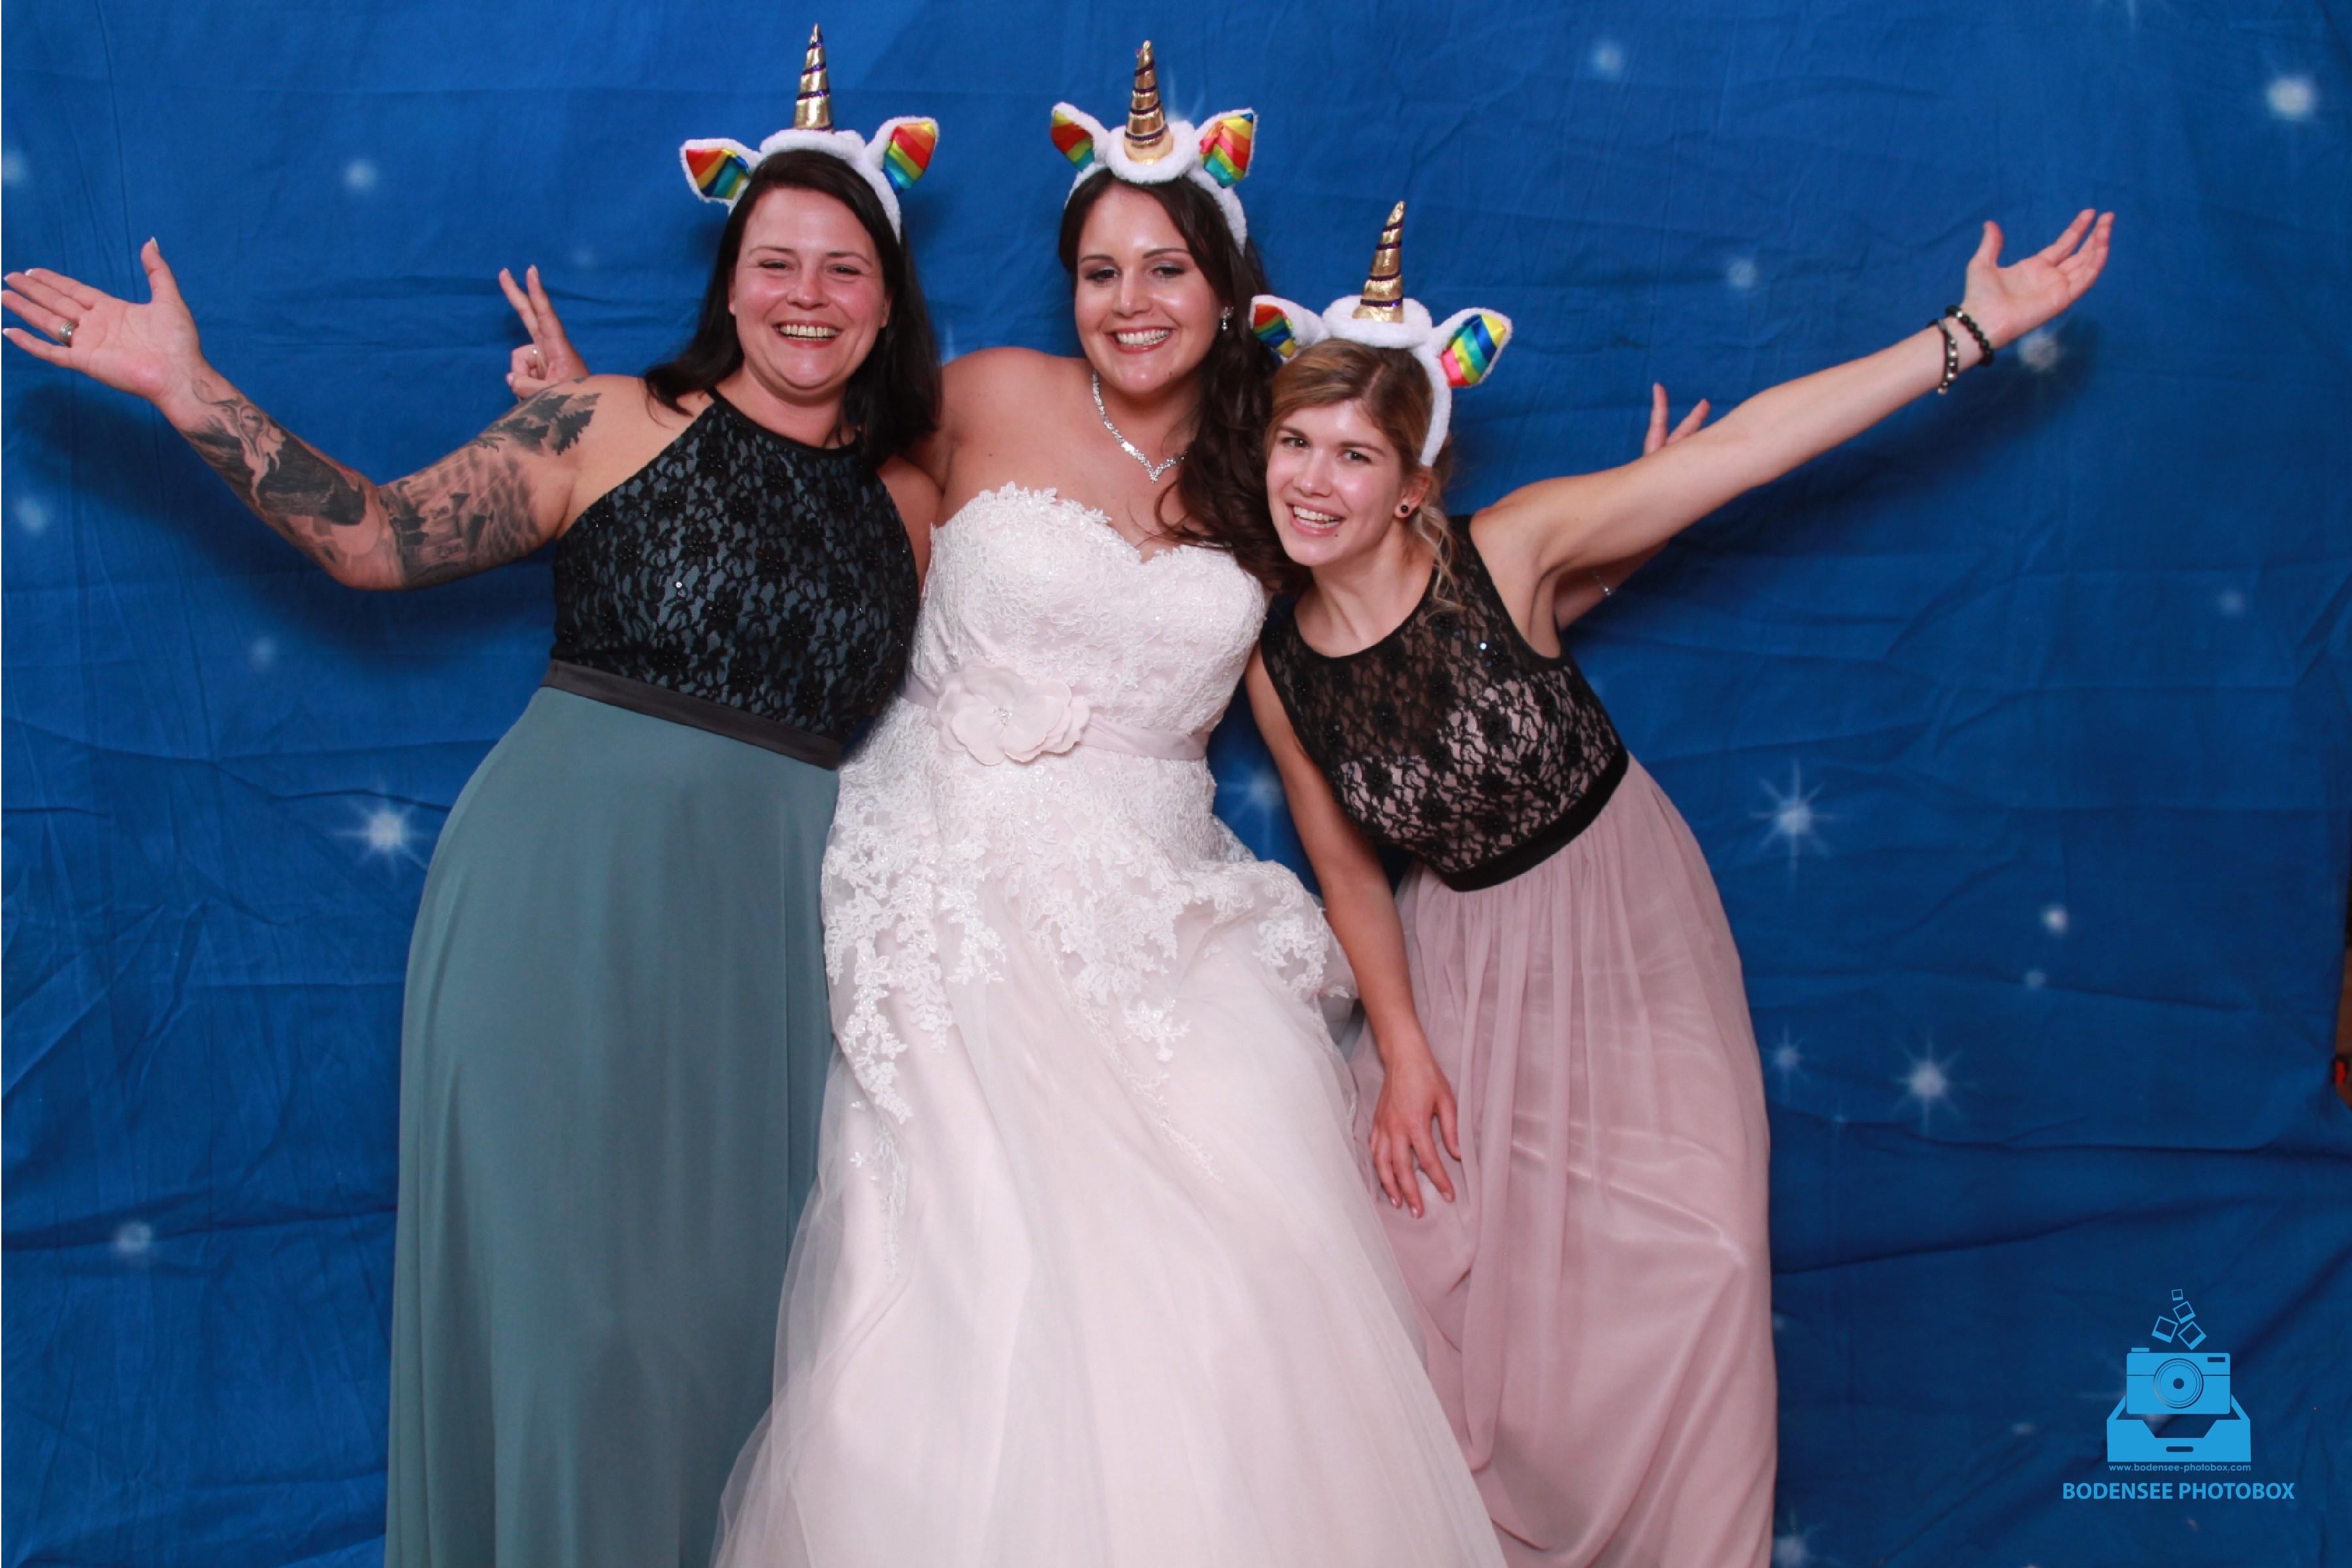 Fotobox von BODENSEEPHOTOBOX – Der Spassgigant auf jeder Hochzeit